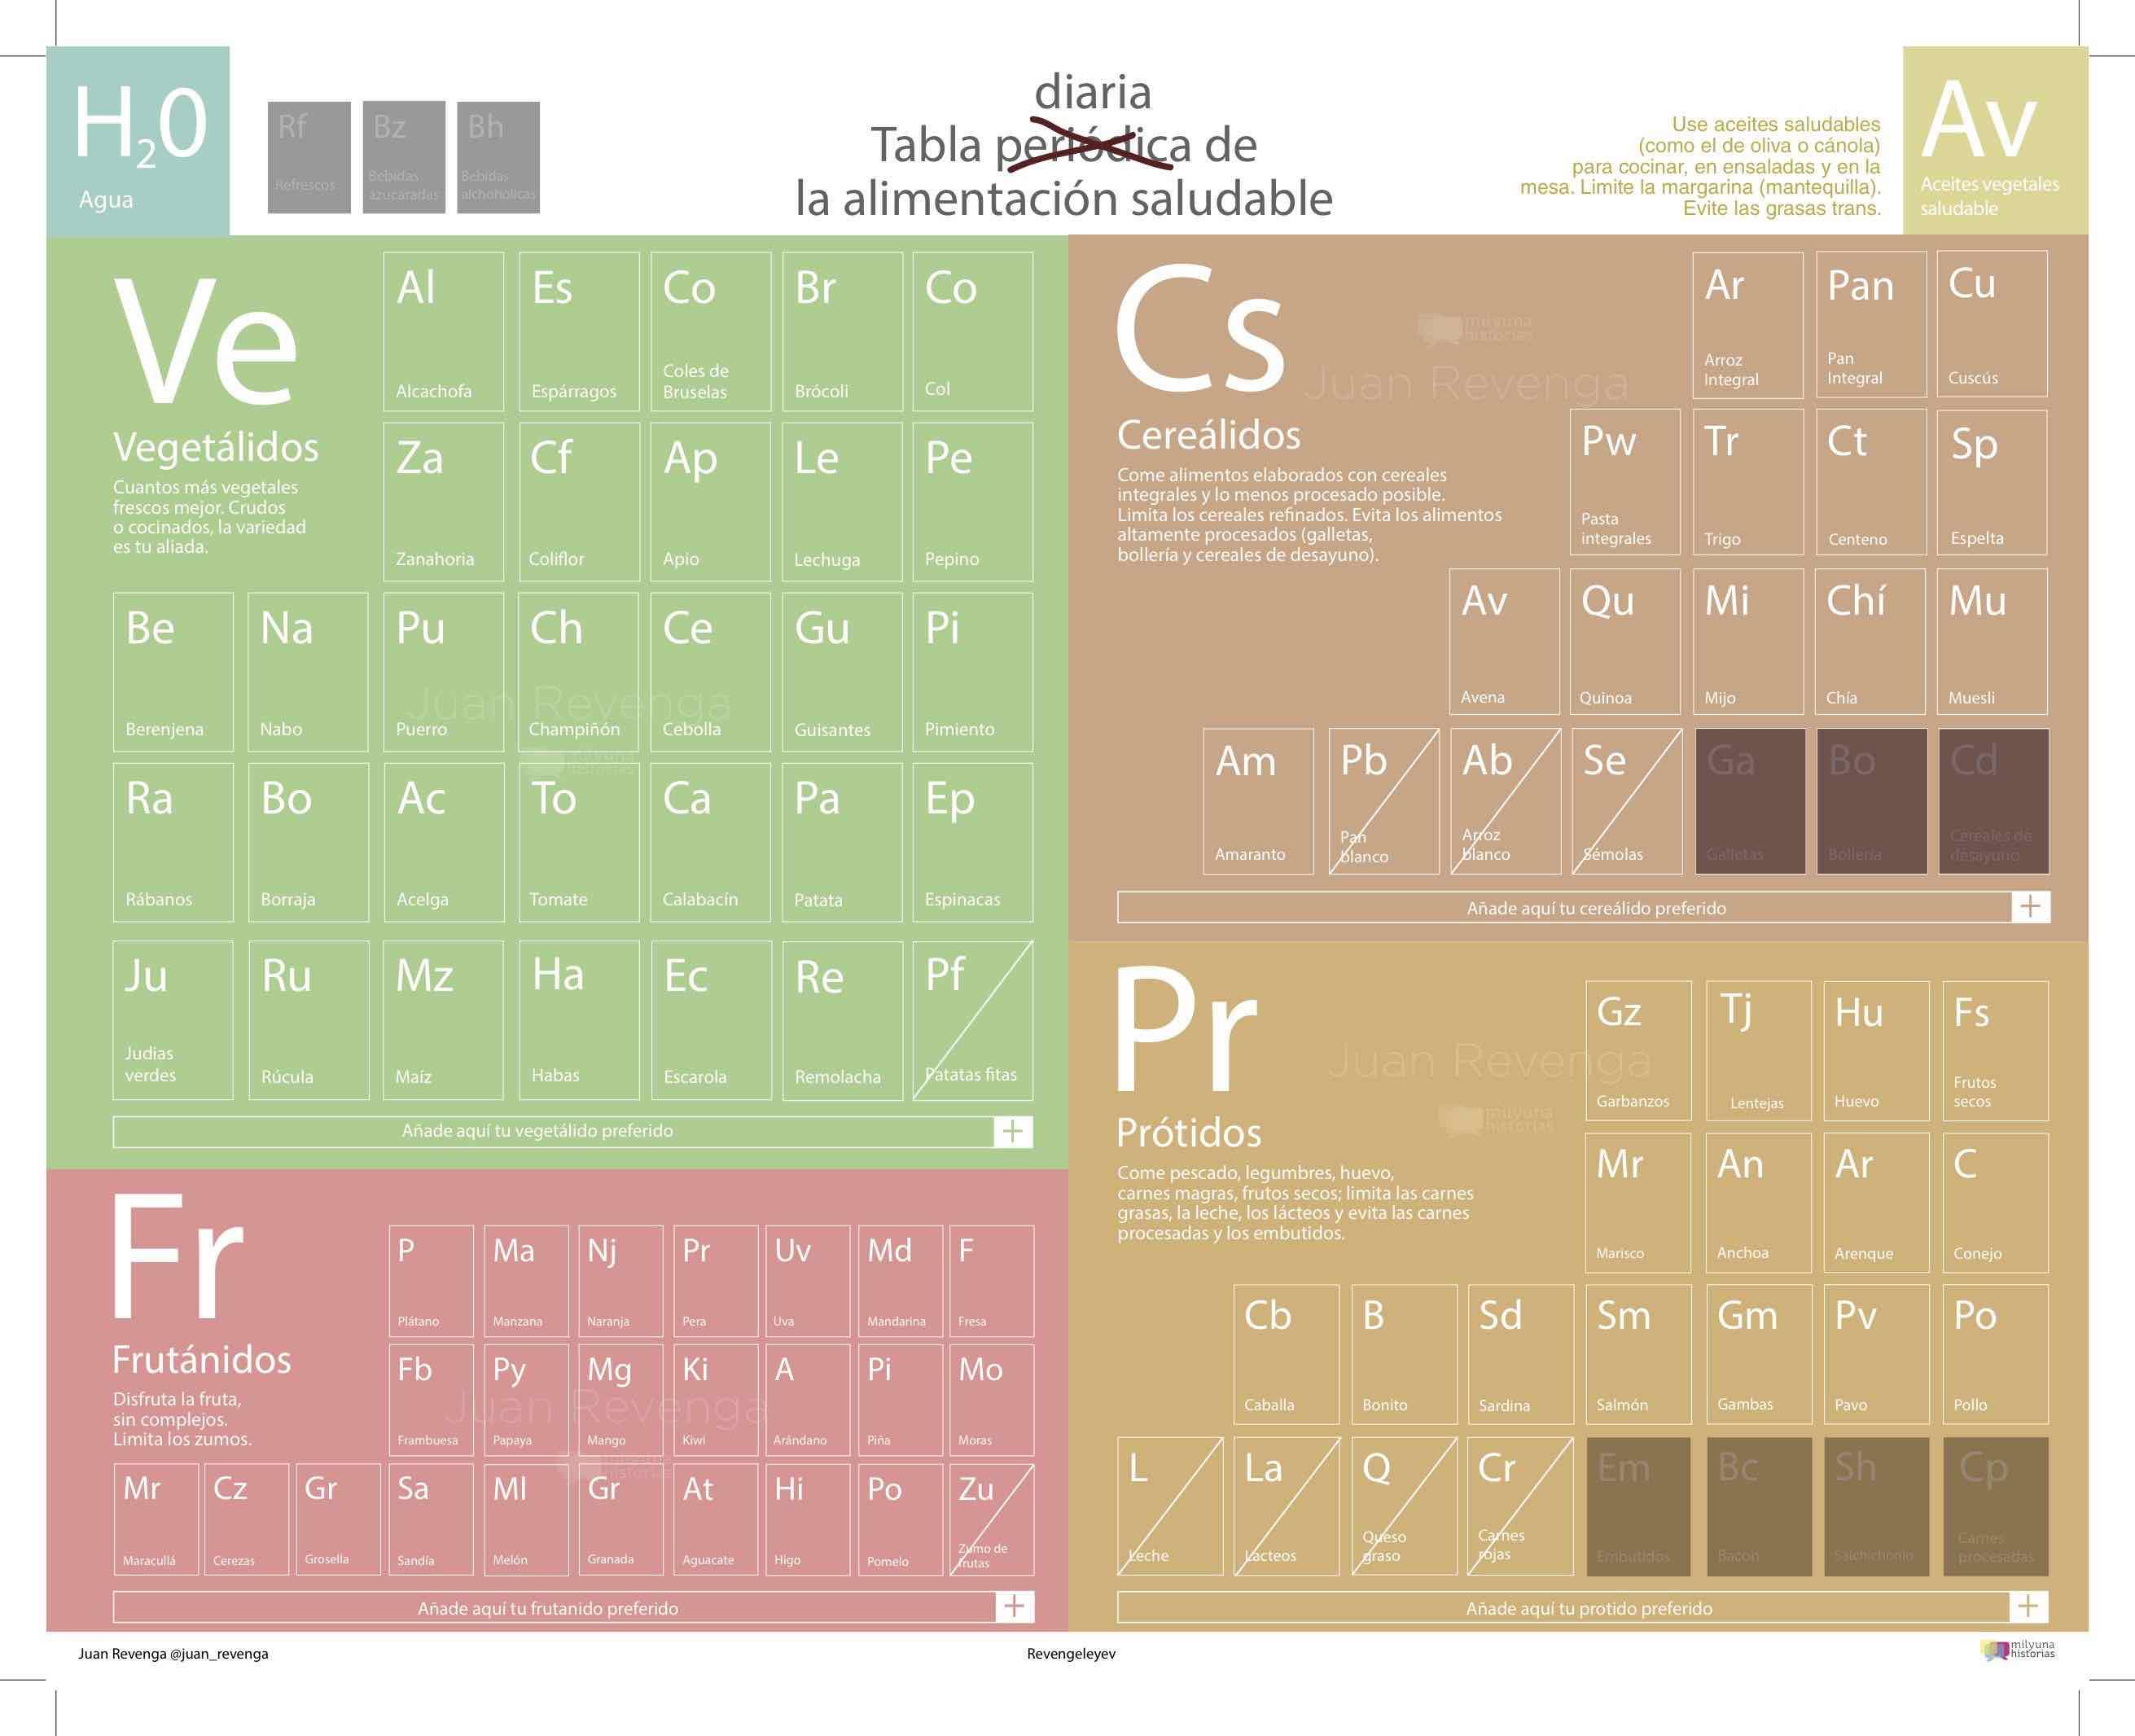 Tabla peridica de los elementos vs tabla diaria de los alimentos tabla peridica de los elementos vs tabla diaria de los alimentos urtaz Image collections